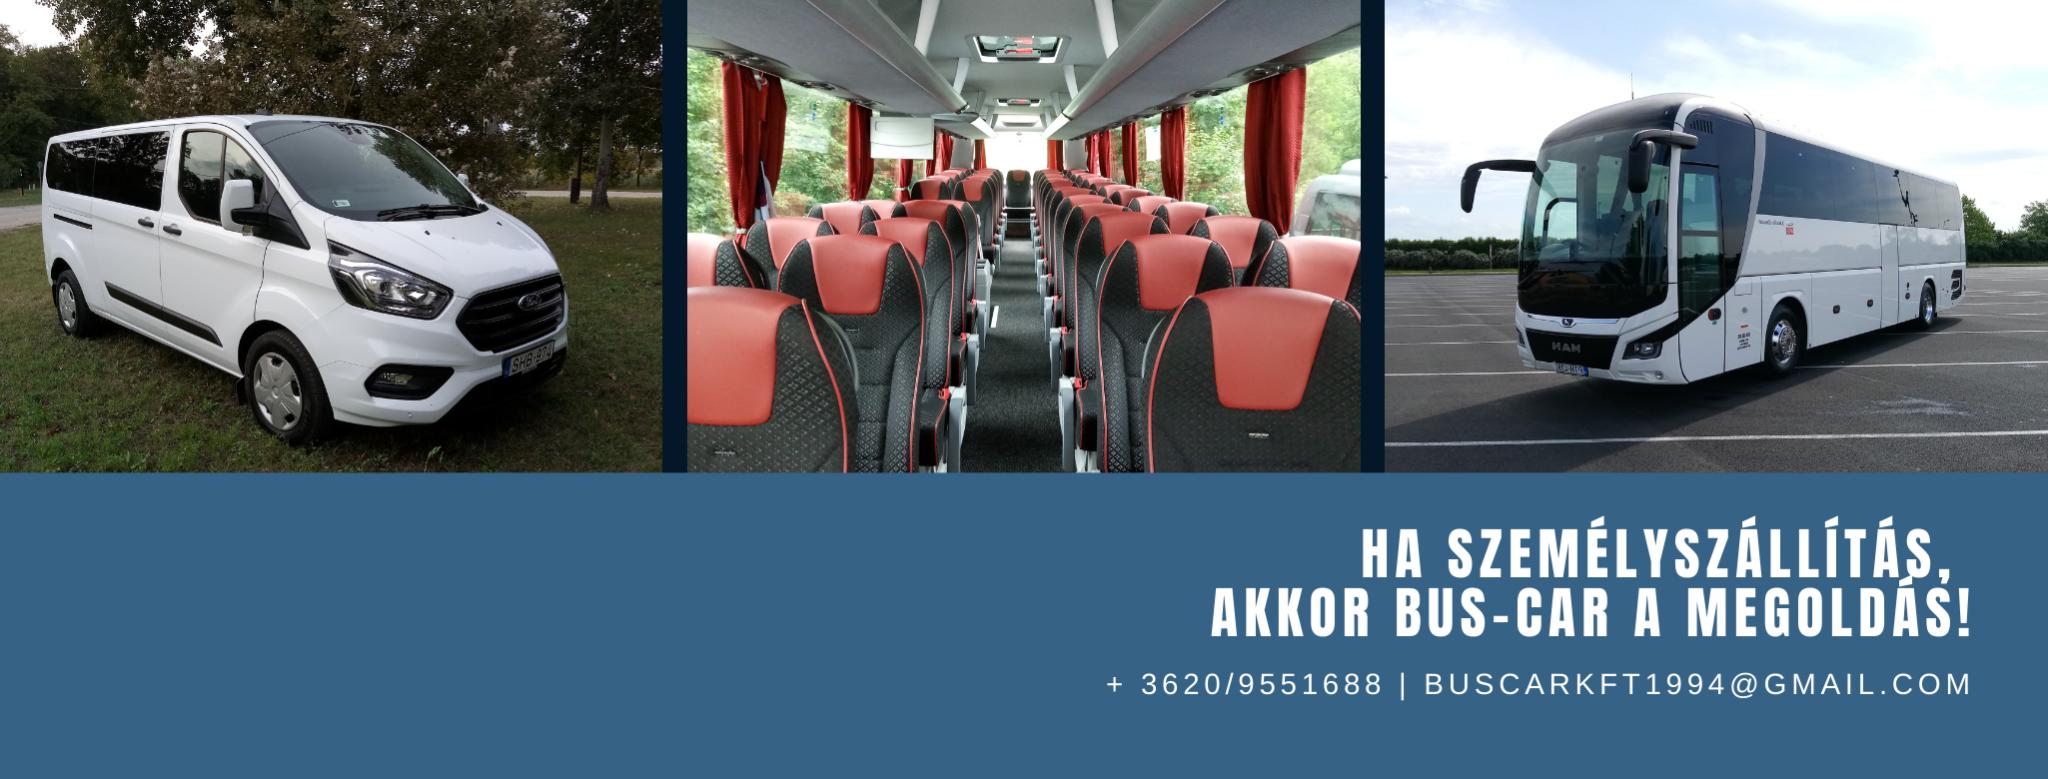 ha személyszállítás, akkor bus-car a megoldás!